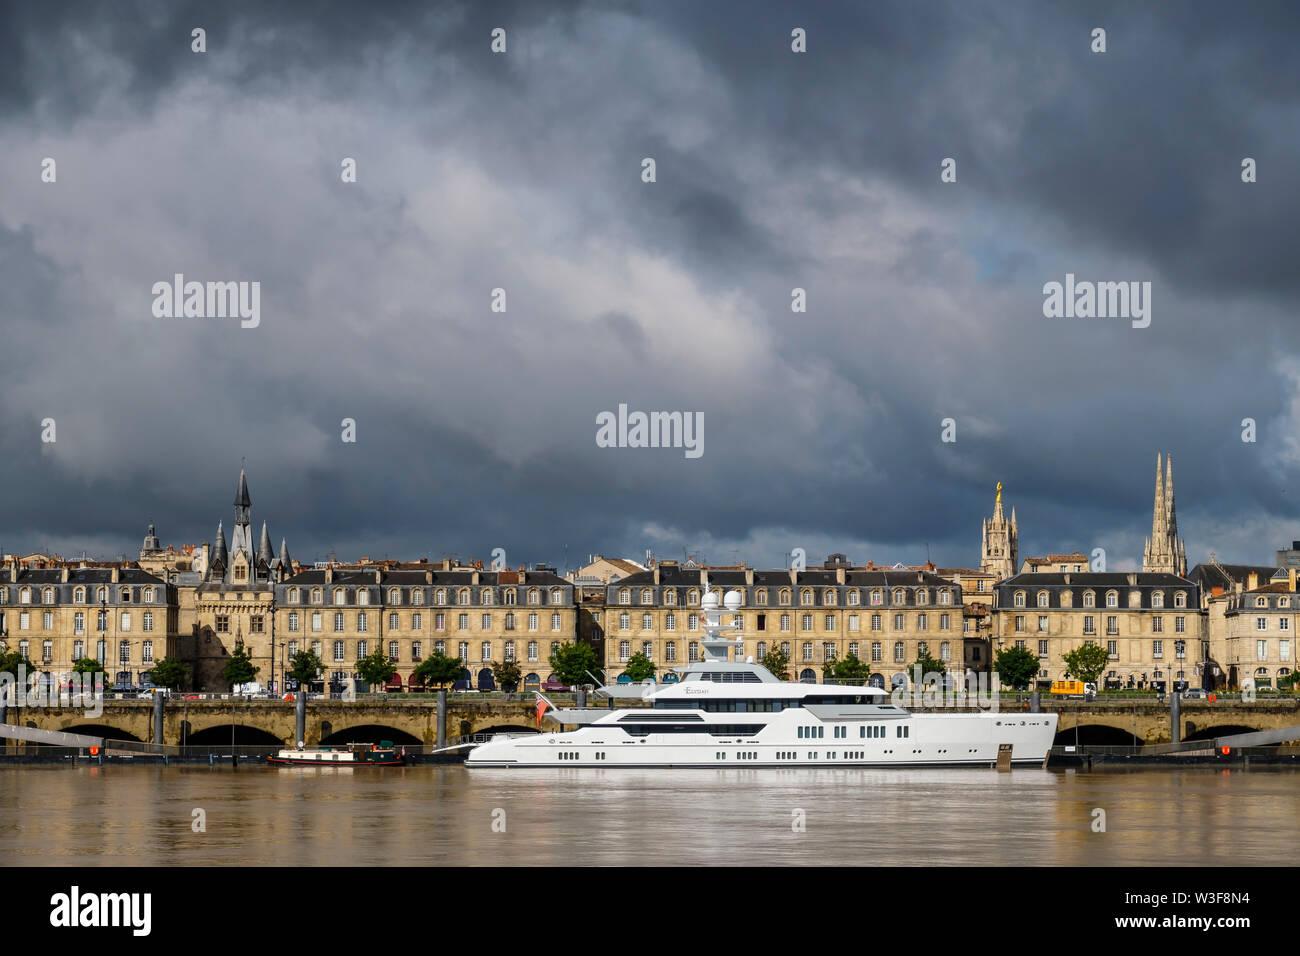 Garonna e dal centro storico di Bordeaux, Gironde. Regione Aquitania. Francia Europa Foto Stock